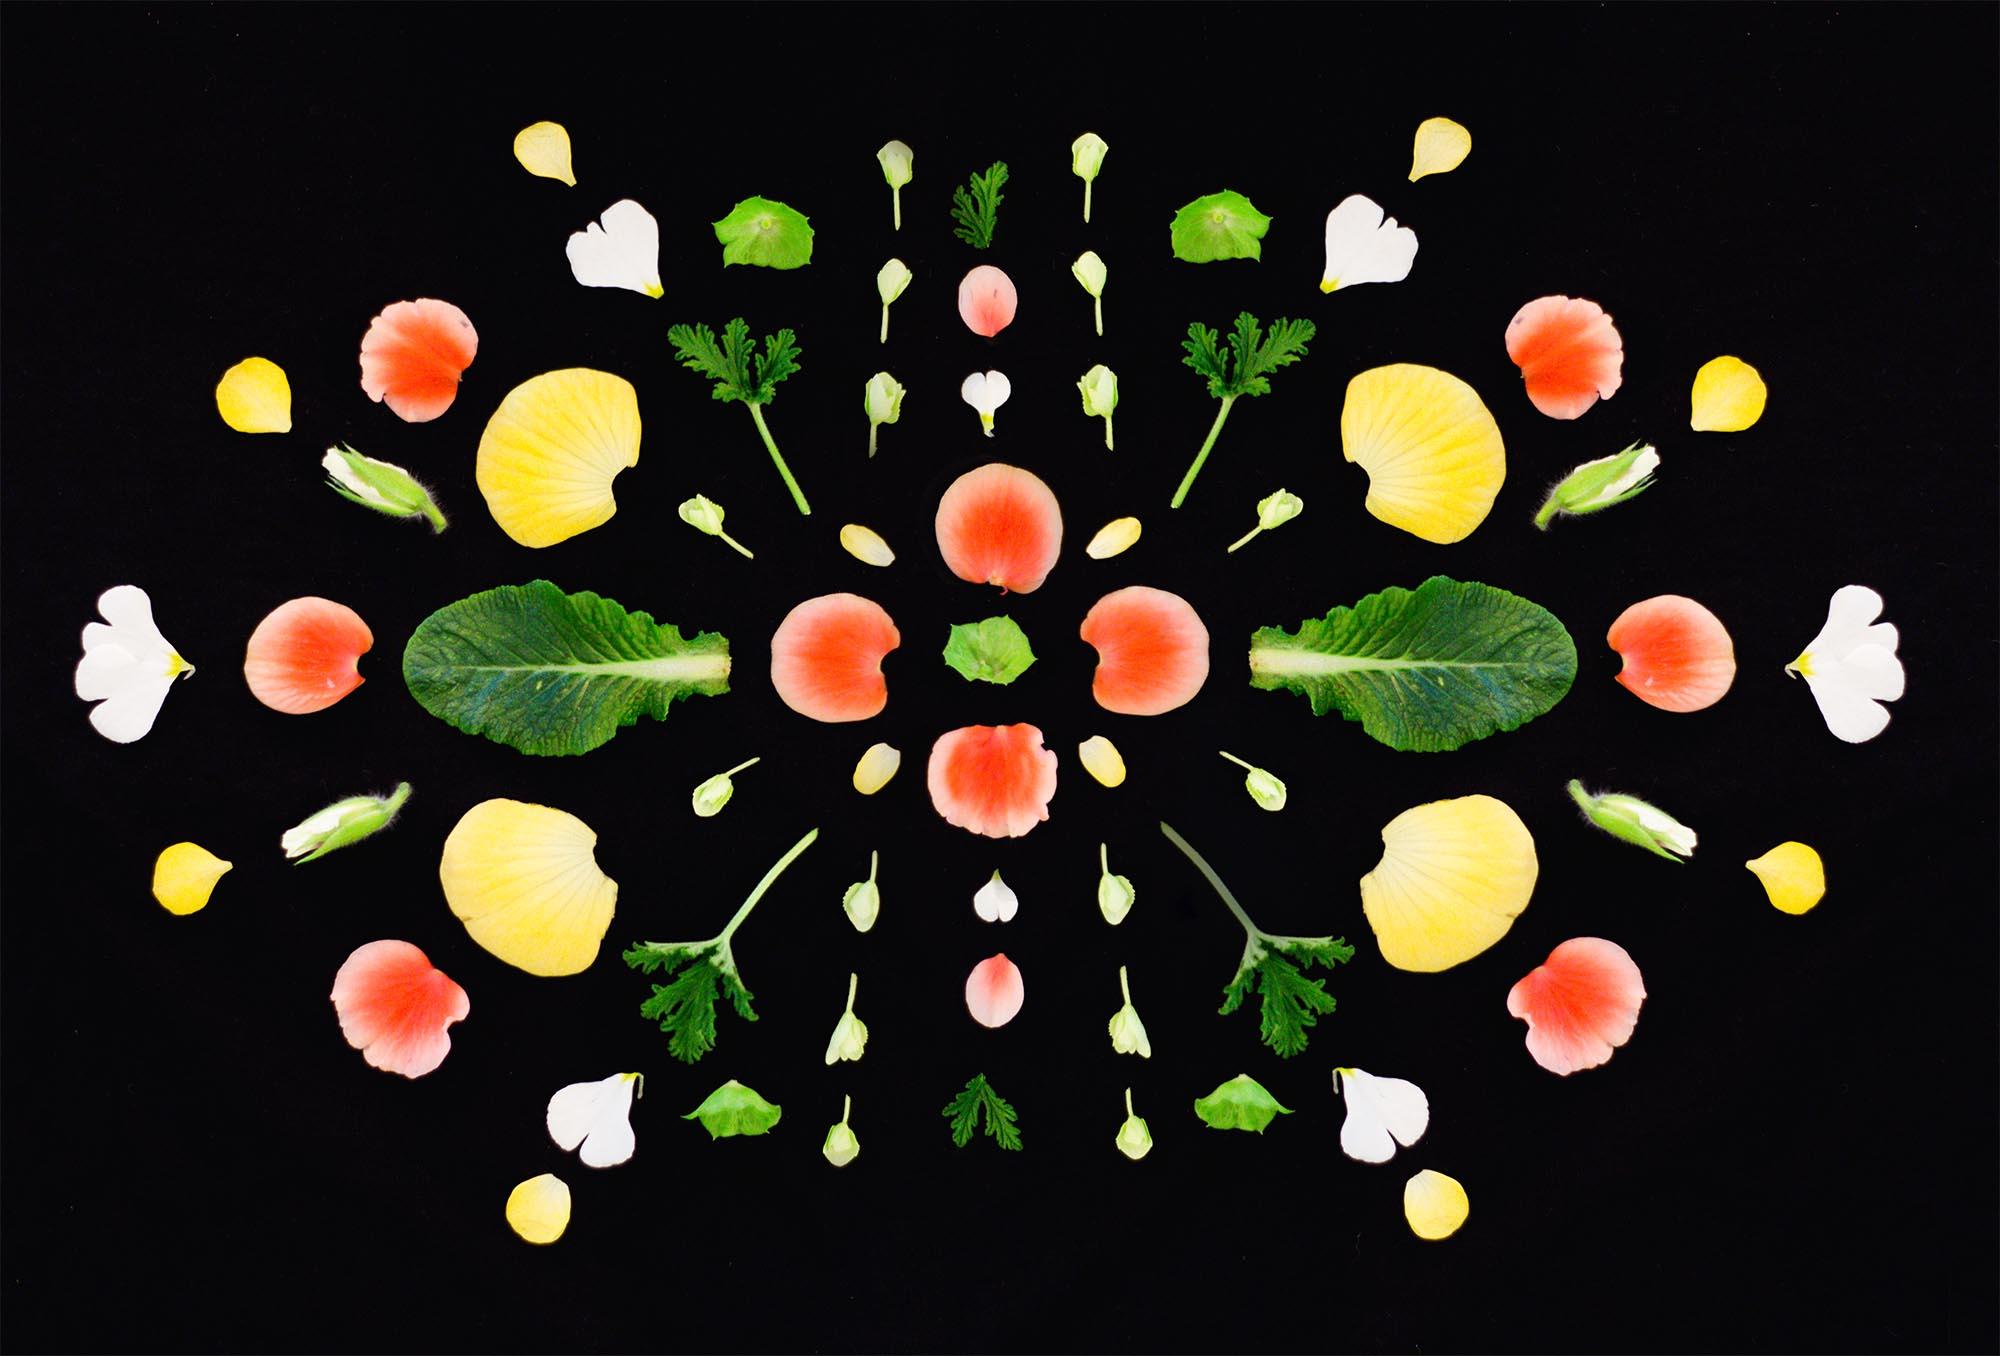 Blomsterpill med Hanna Wendelbo - Blomstermandala av Dnilva